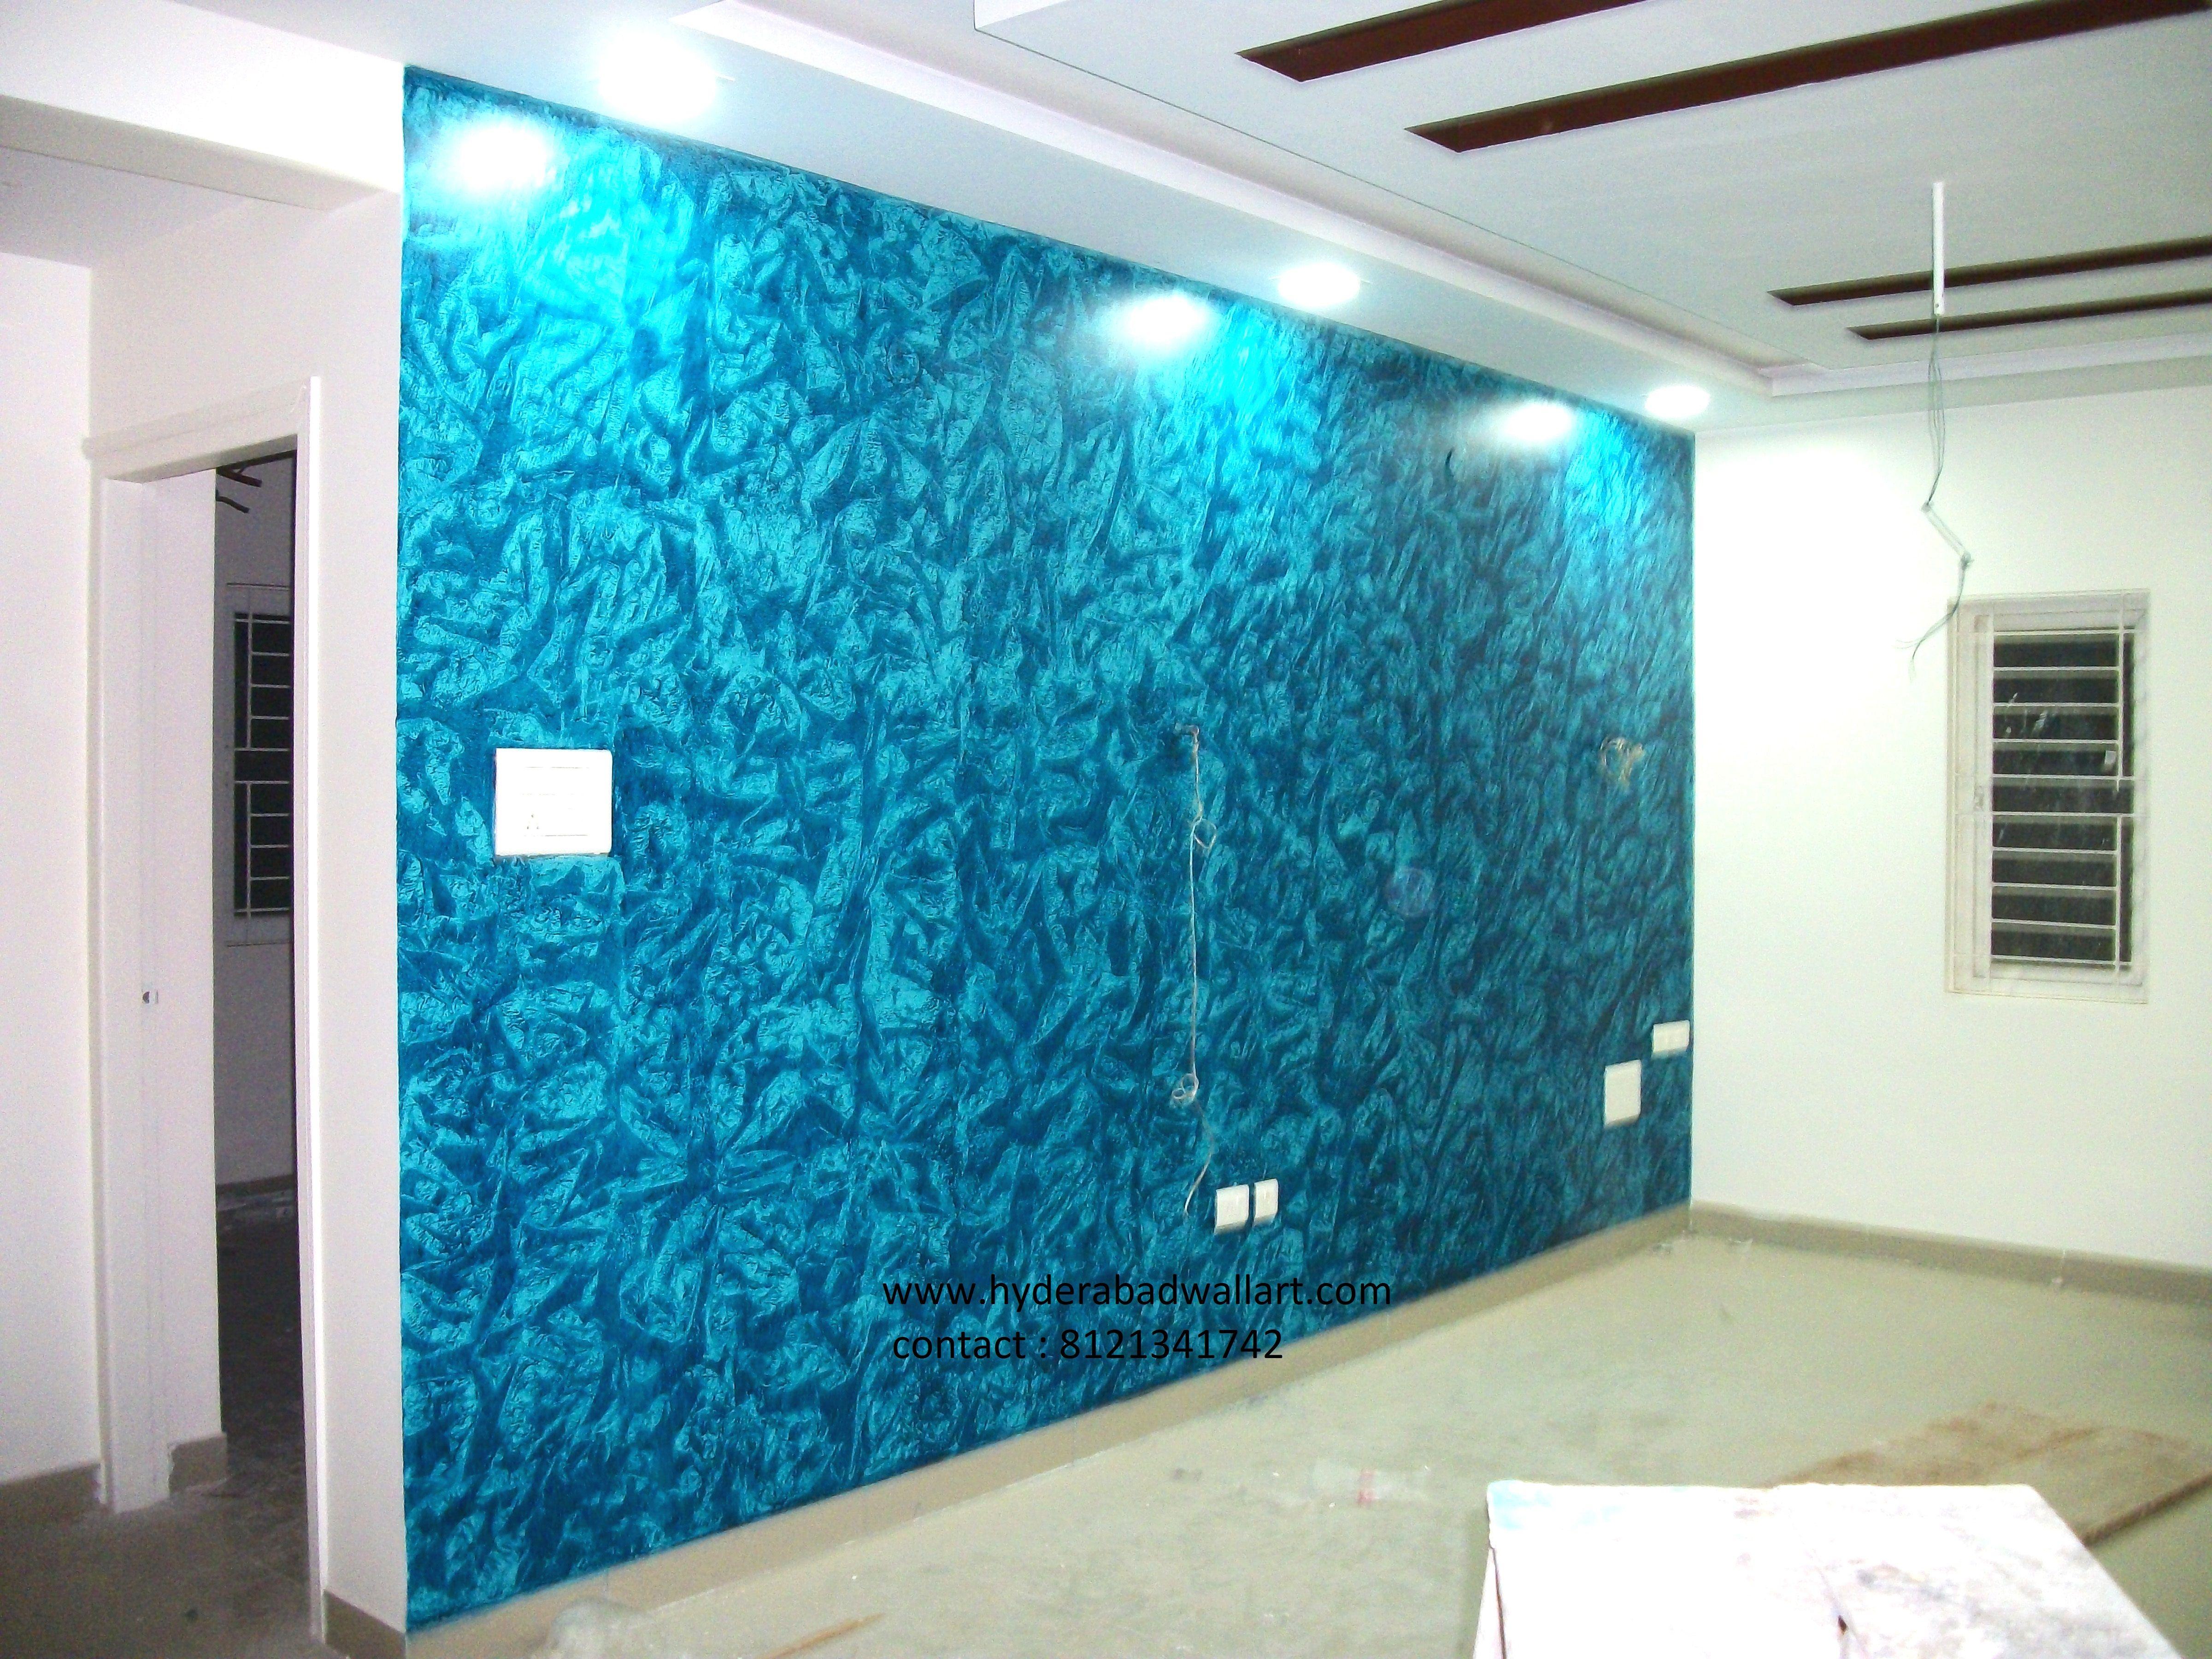 Royal Play Texture Design Interior Wall Painting Designs Wall Paint Designs Asian Paints Wall Designs